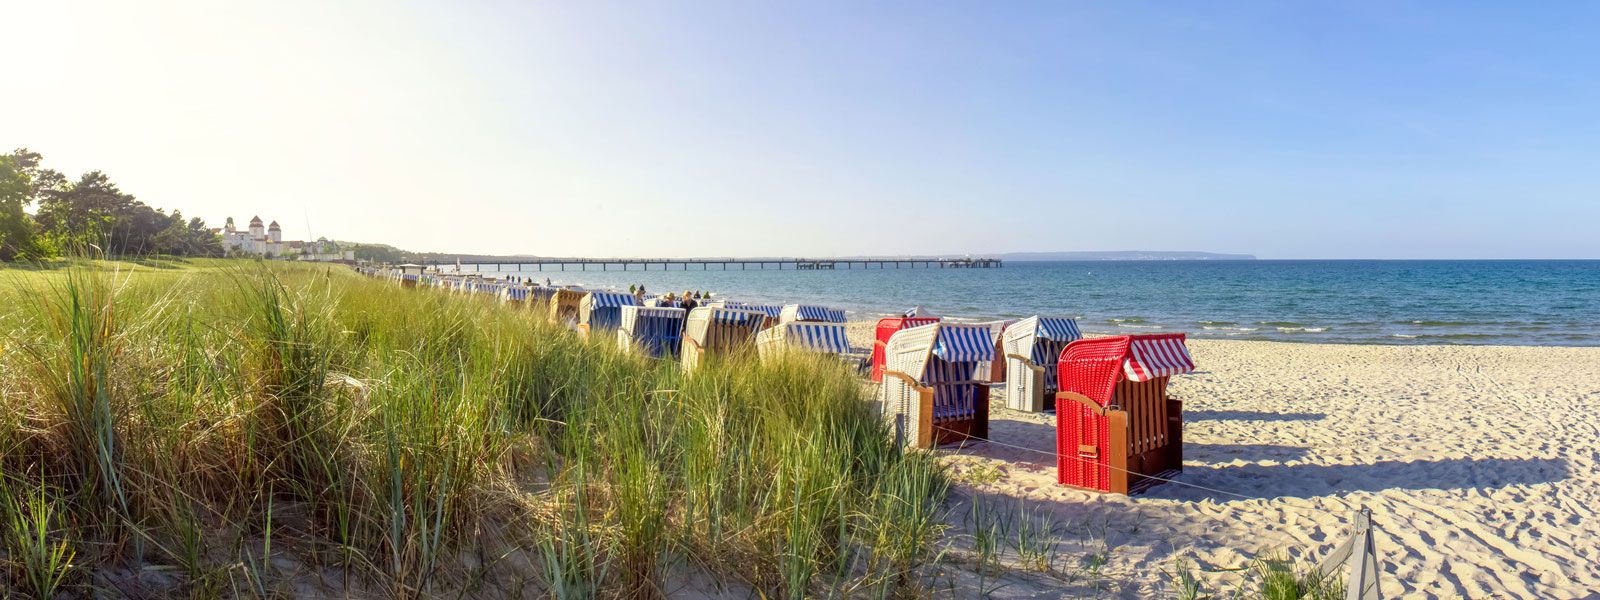 Strandkörbe Ostsee Villa Monika Ferienwohnung Rügen